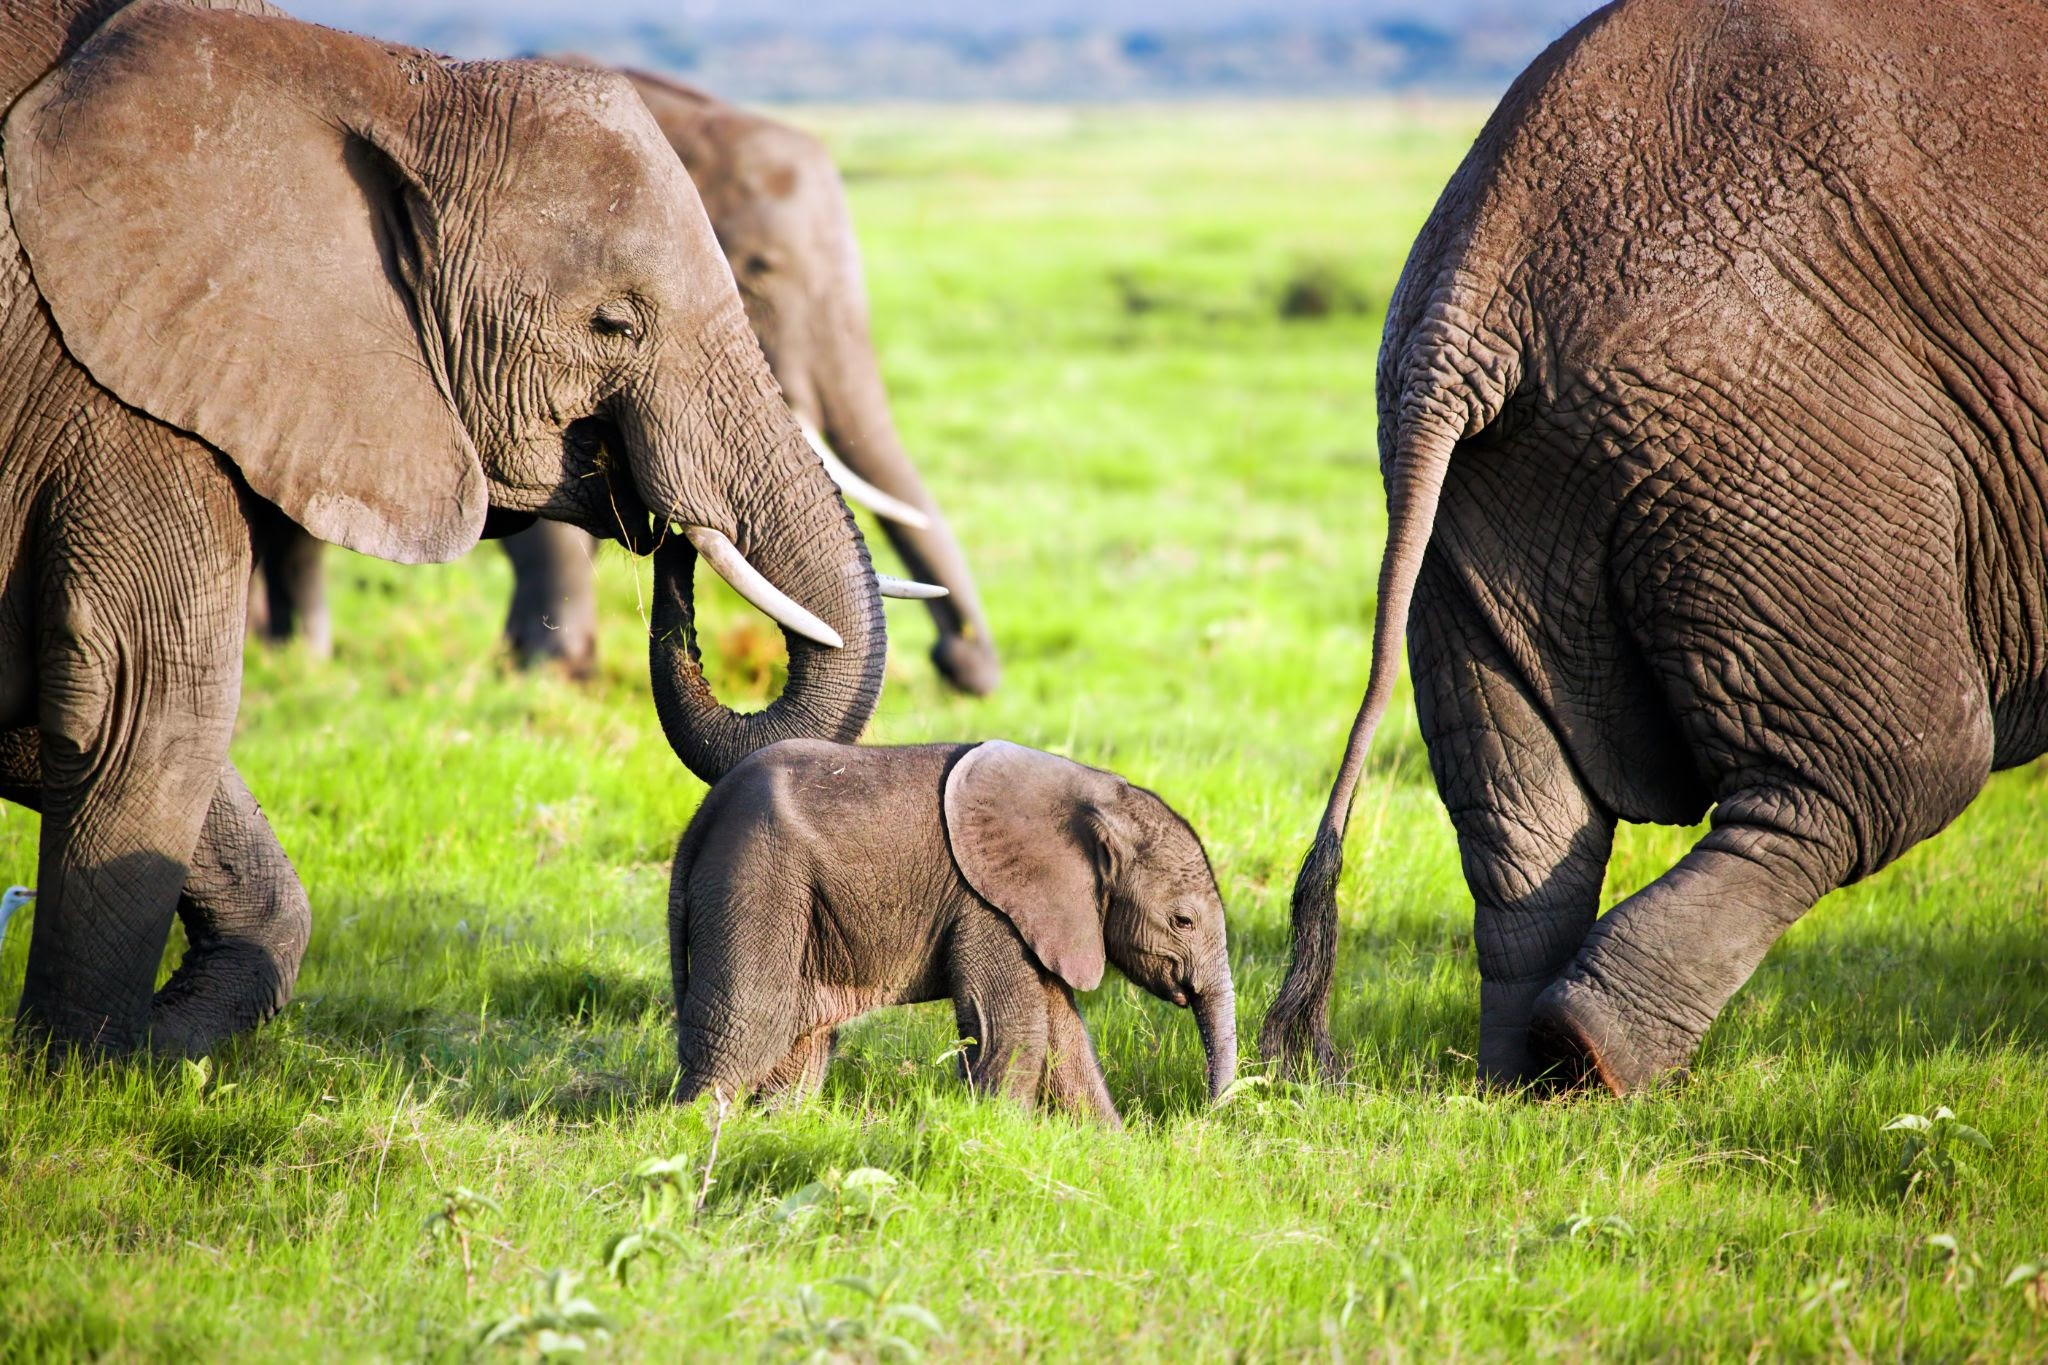 Слоны заботятся о слонятах всем племенем. Например, во время опасной ситуации взрослые особи окружают молодняк, чтобы ему не причинили вред